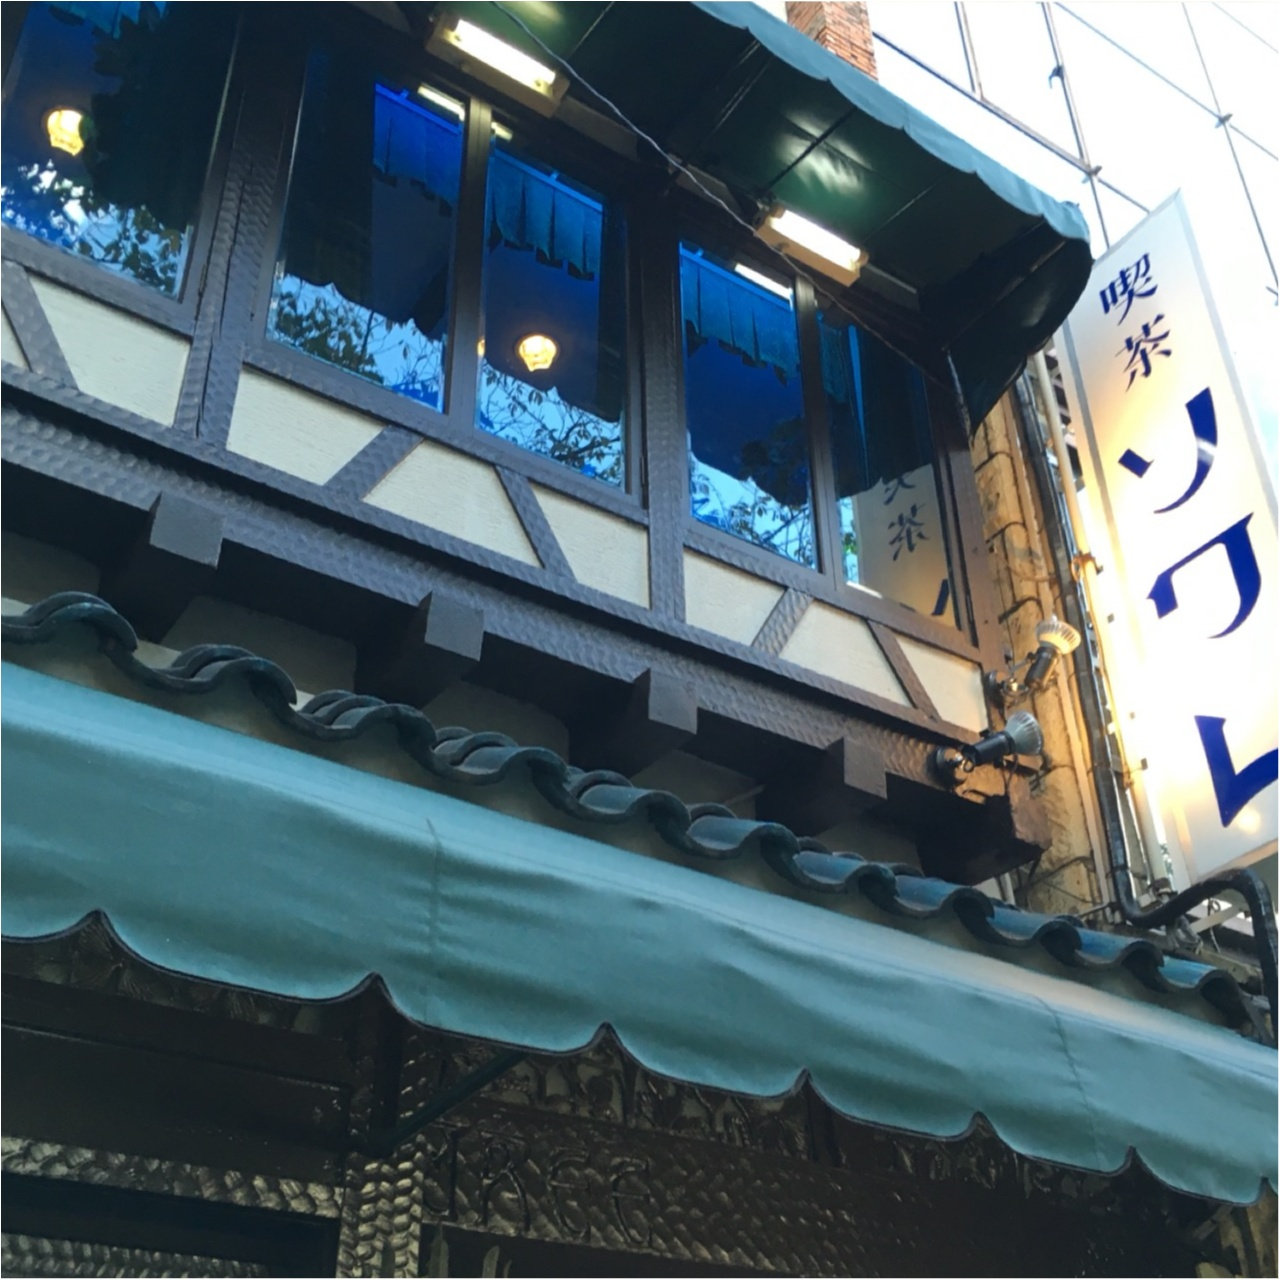 おすすめの喫茶店・カフェ特集 - 東京のレトロな喫茶店4選など、全国のフォトジェニックなカフェまとめ_35